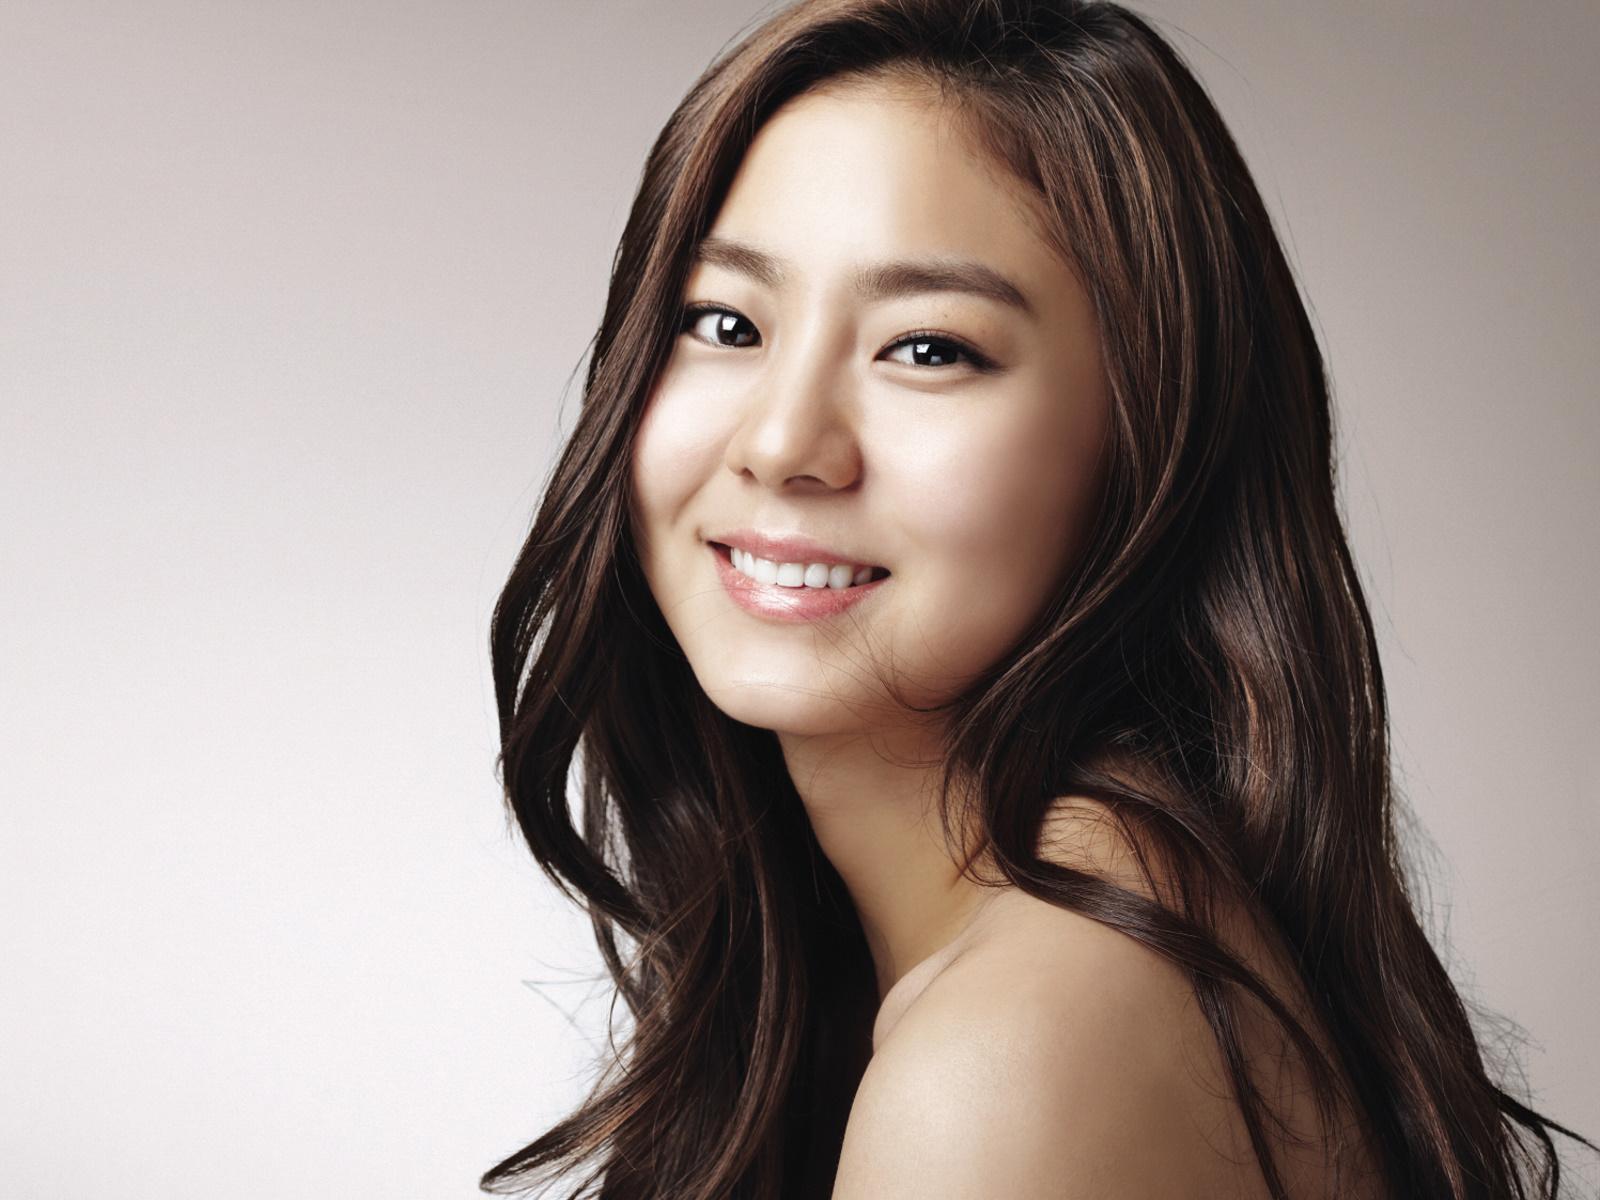 韩国女明星 金宥真031600x1200壁纸